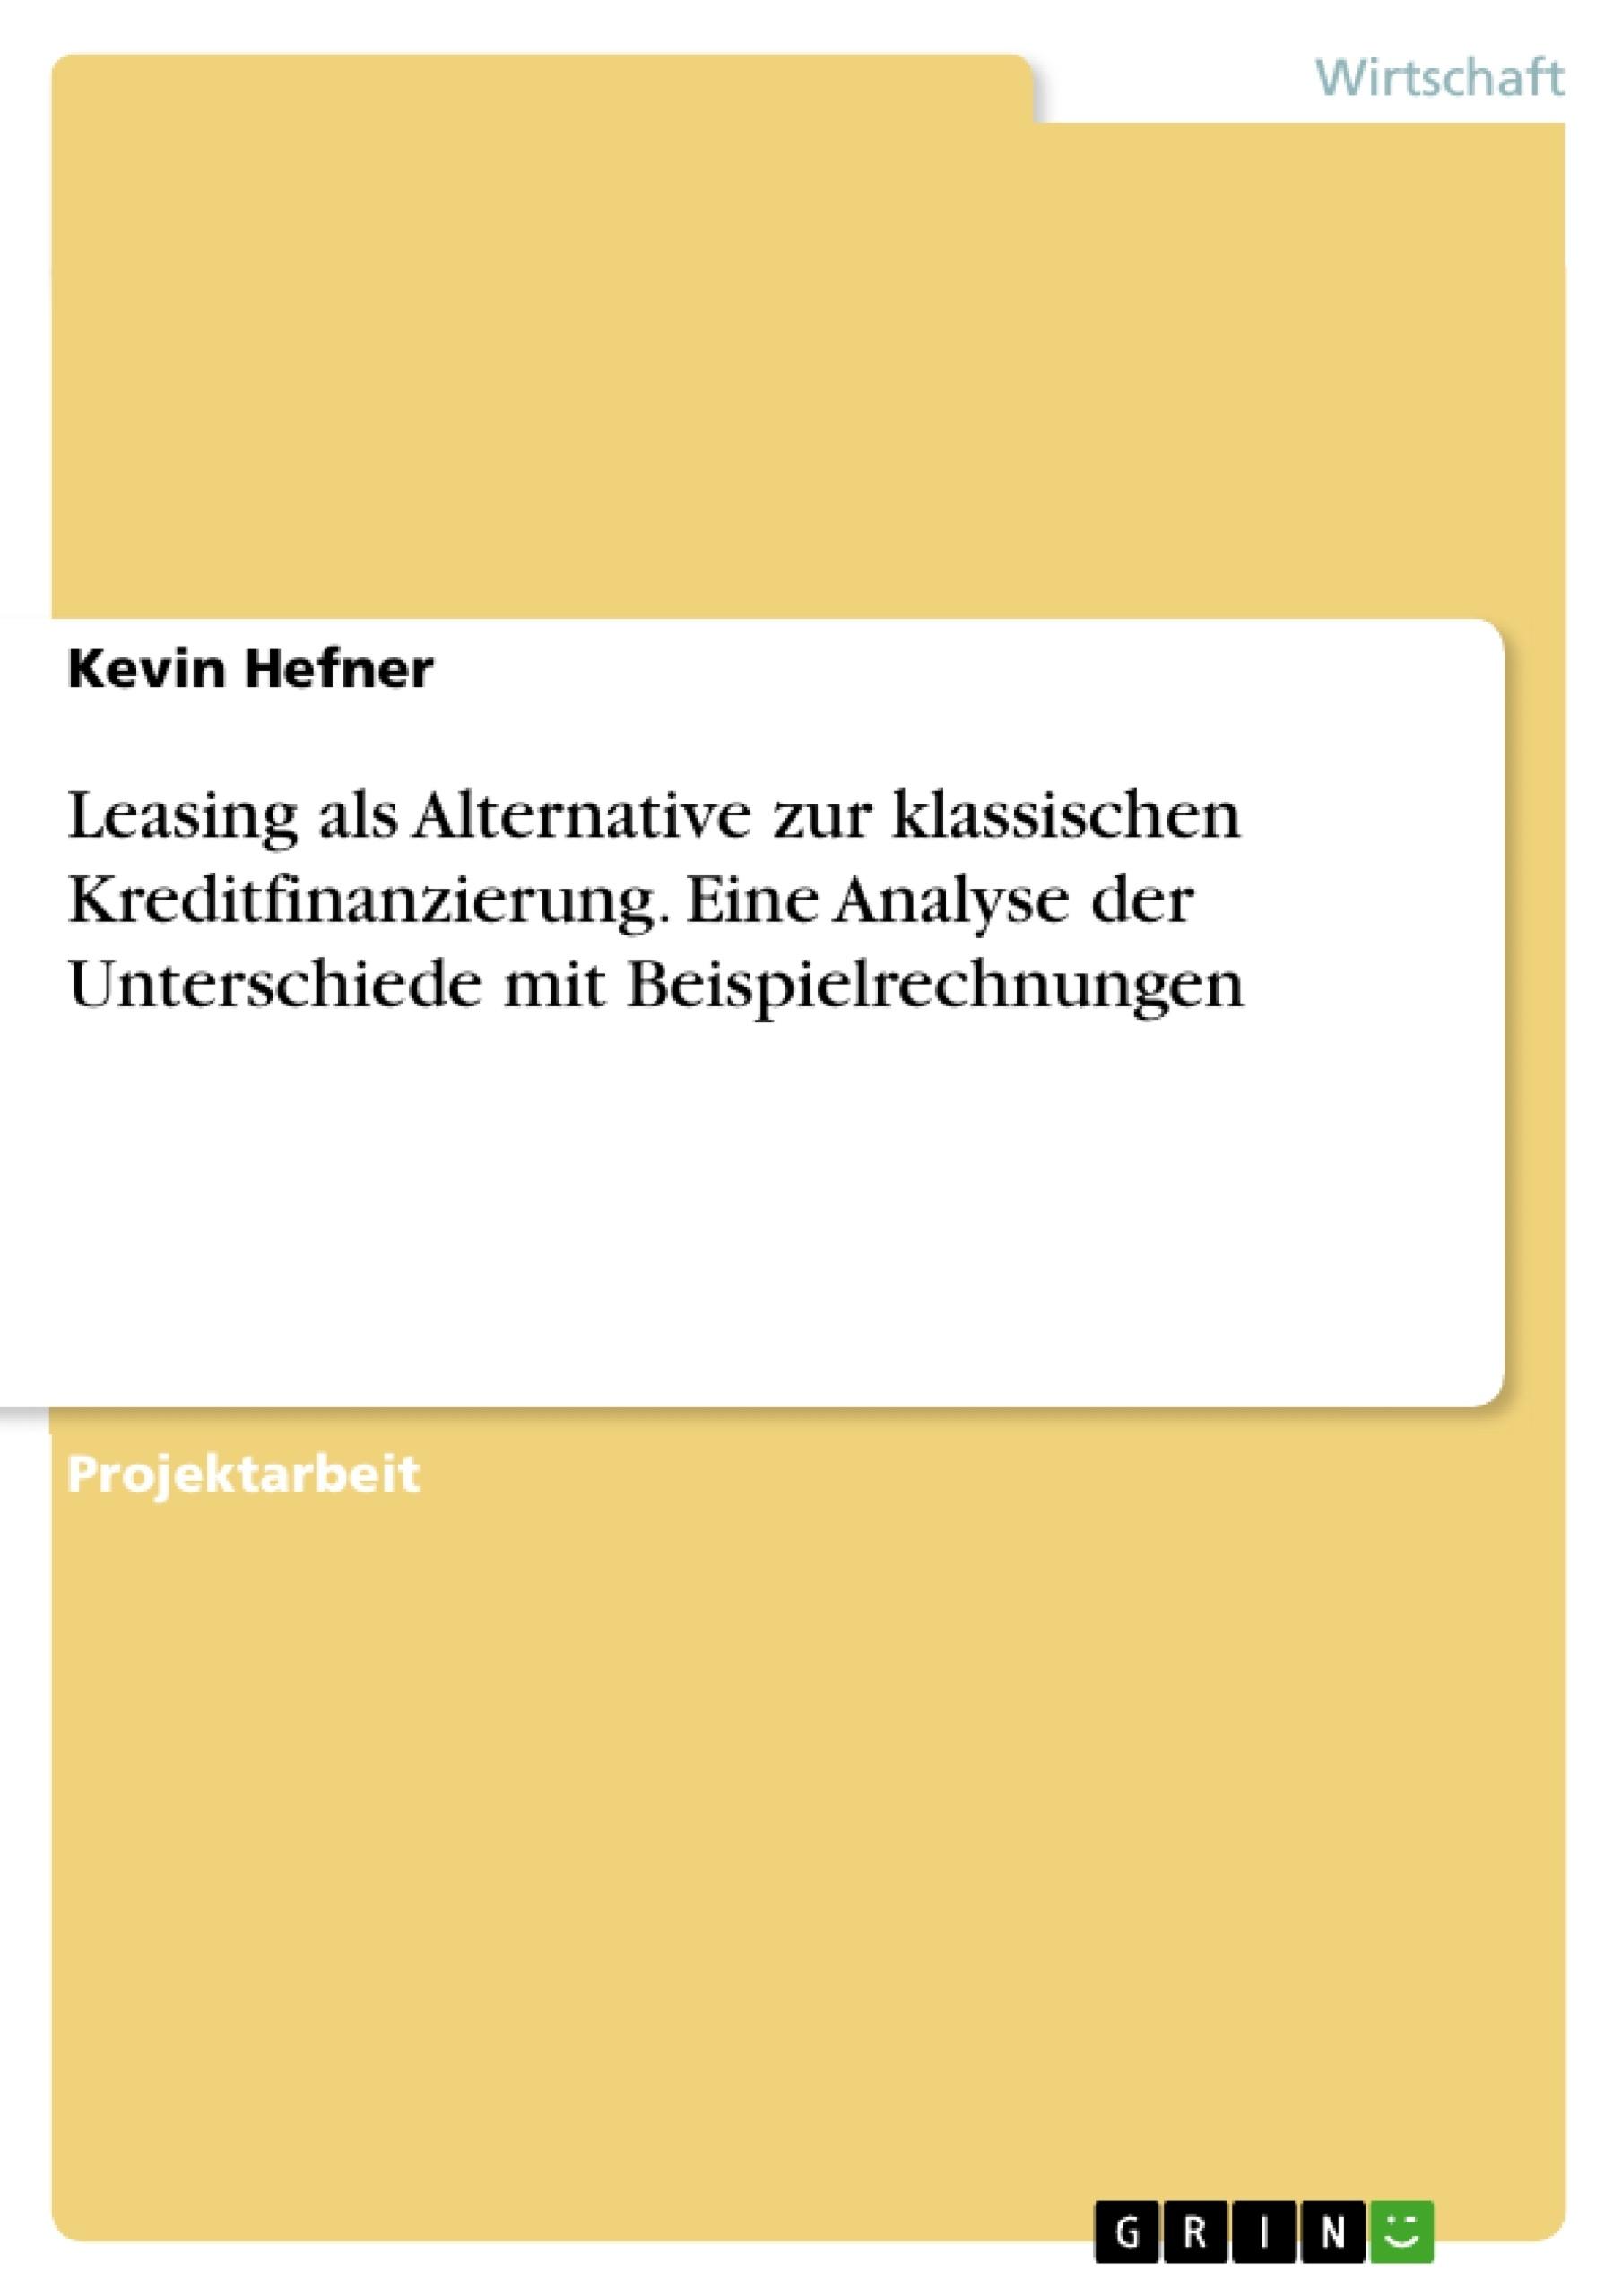 Titel: Leasing als Alternative zur klassischen Kreditfinanzierung. Eine Analyse der Unterschiede mit Beispielrechnungen